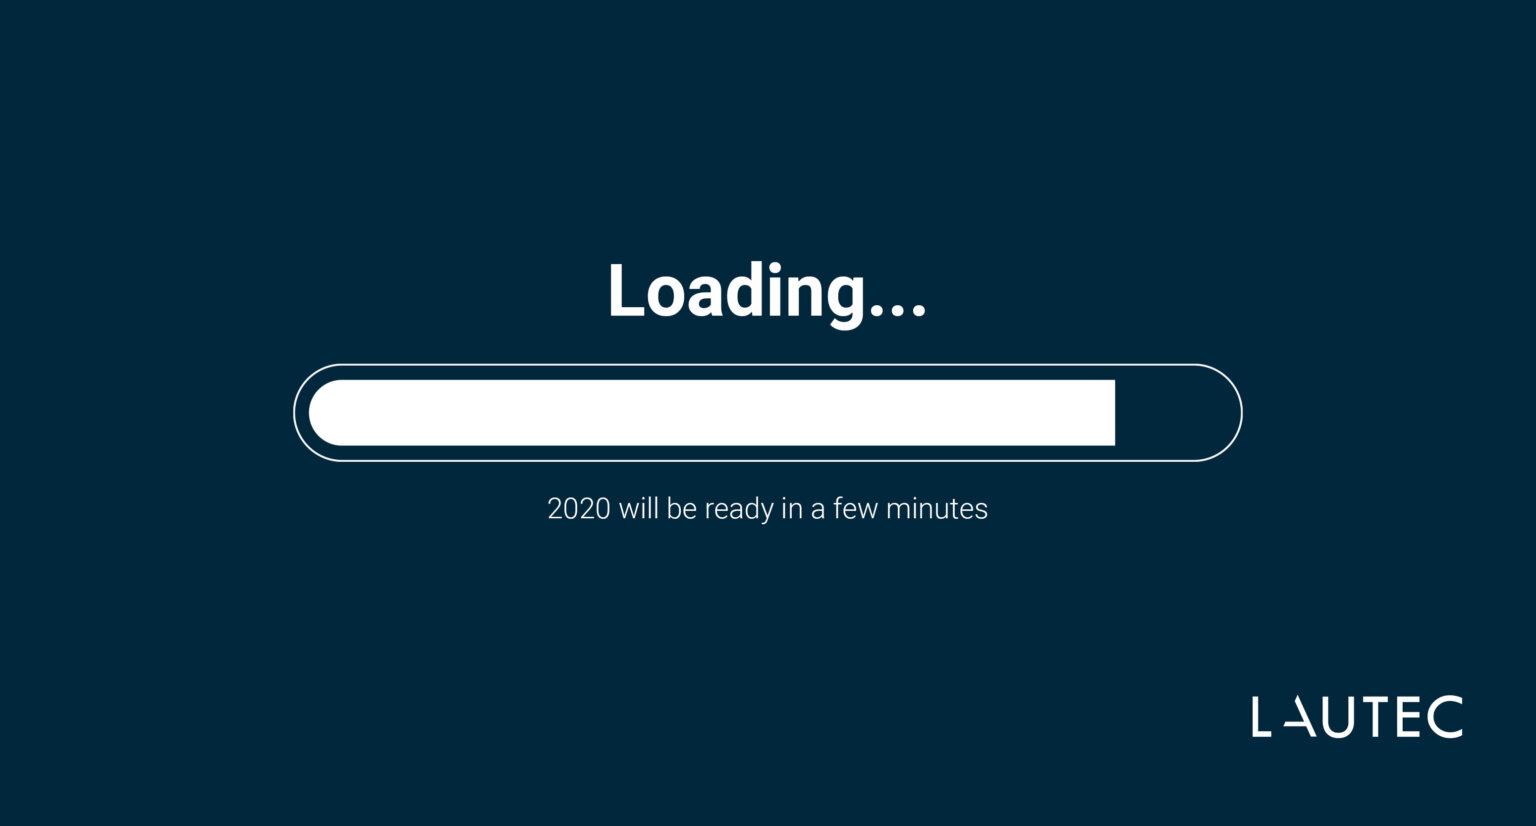 LAUTEC 2021